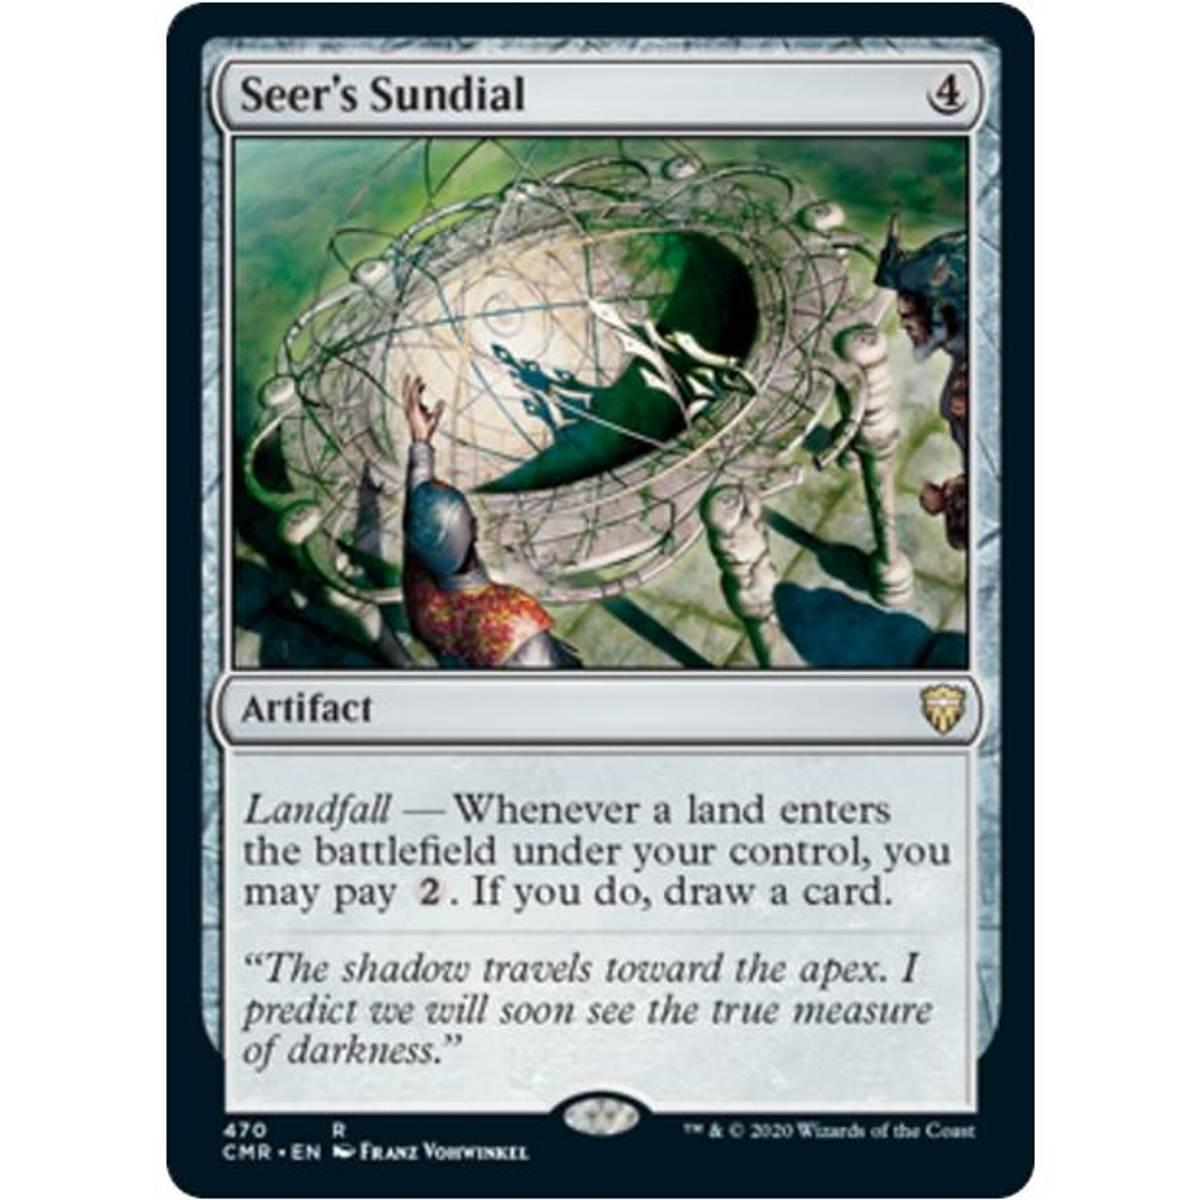 Seer's Sundial